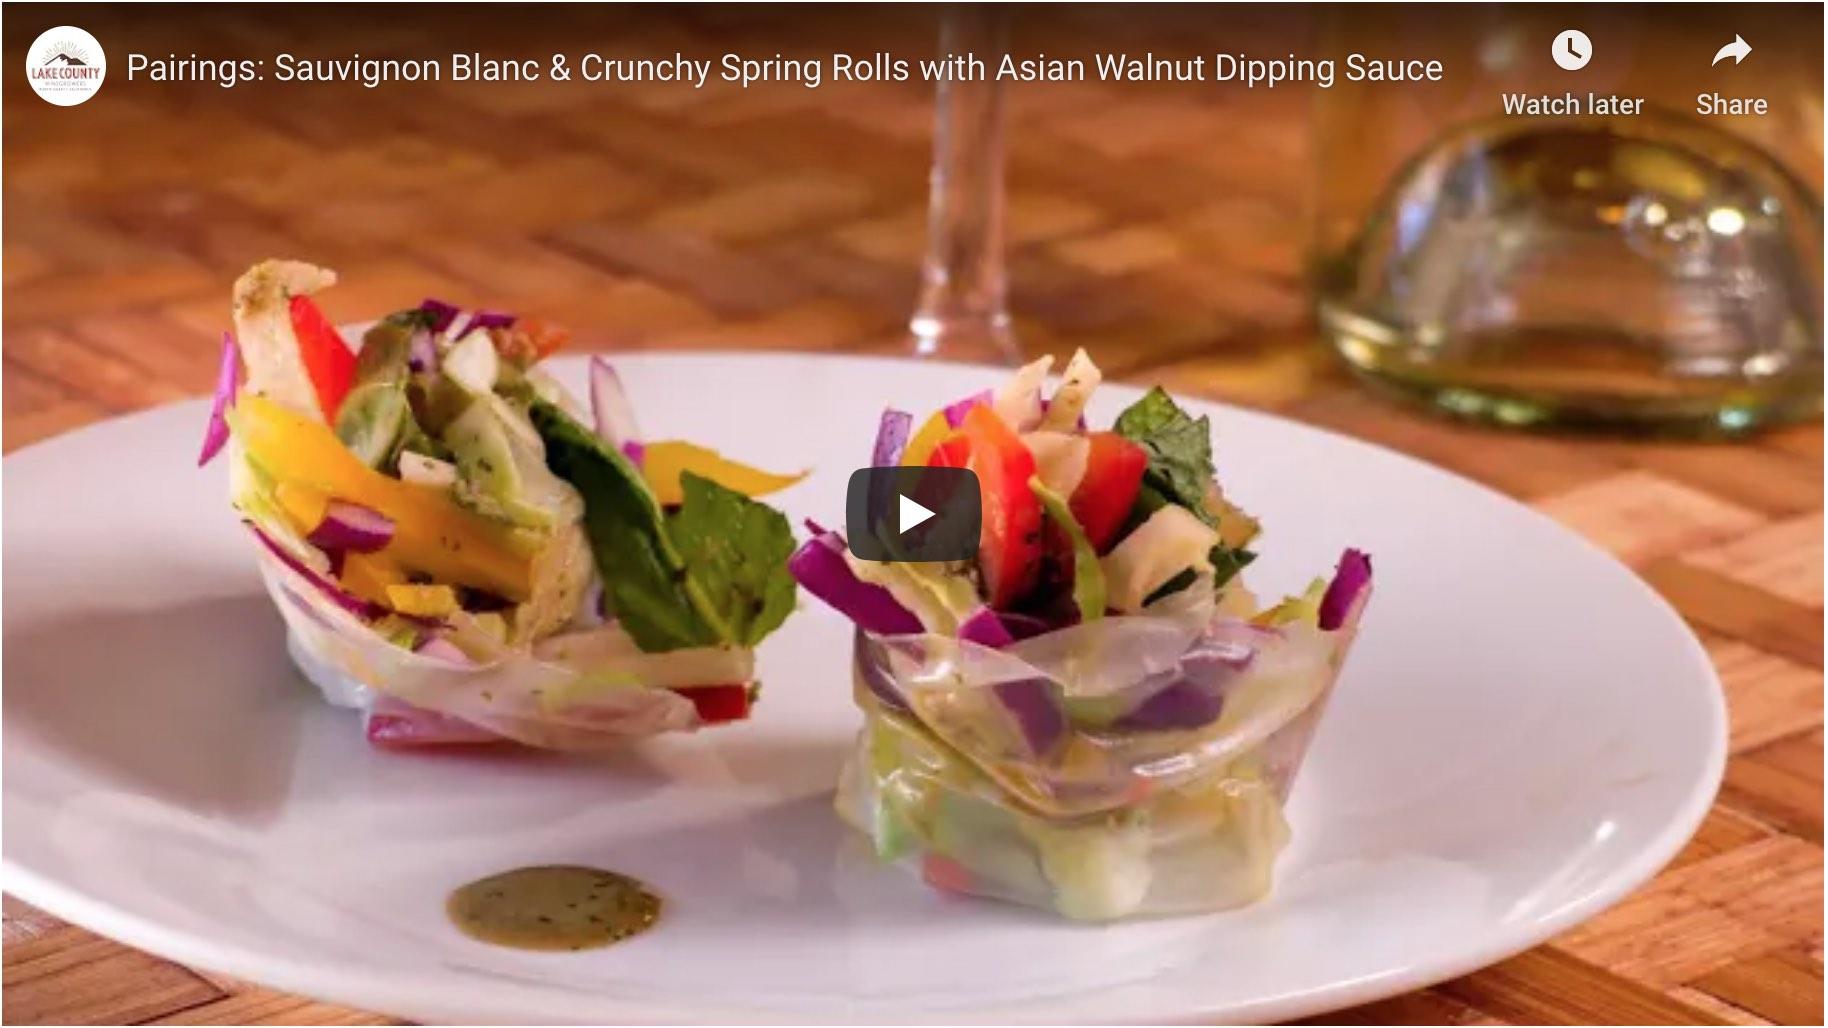 Video: crunchy spring rolls by Cheryl Forberg